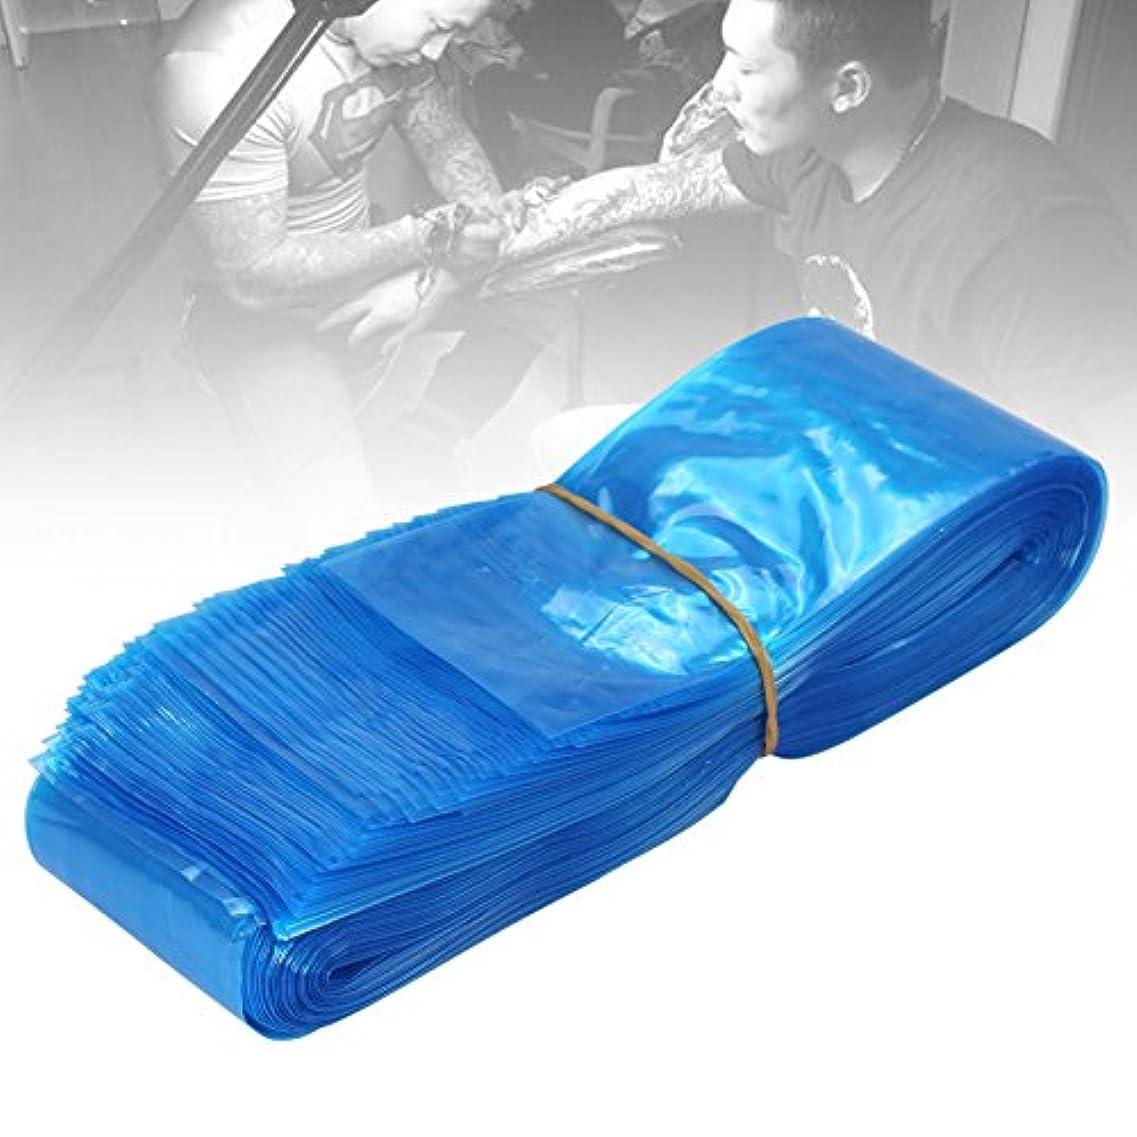 アッティカスチキン店員100ピース使い捨てプラスチックブルー医療衛生タトゥーマシンクリップコードフックスリーブカバーバッグ